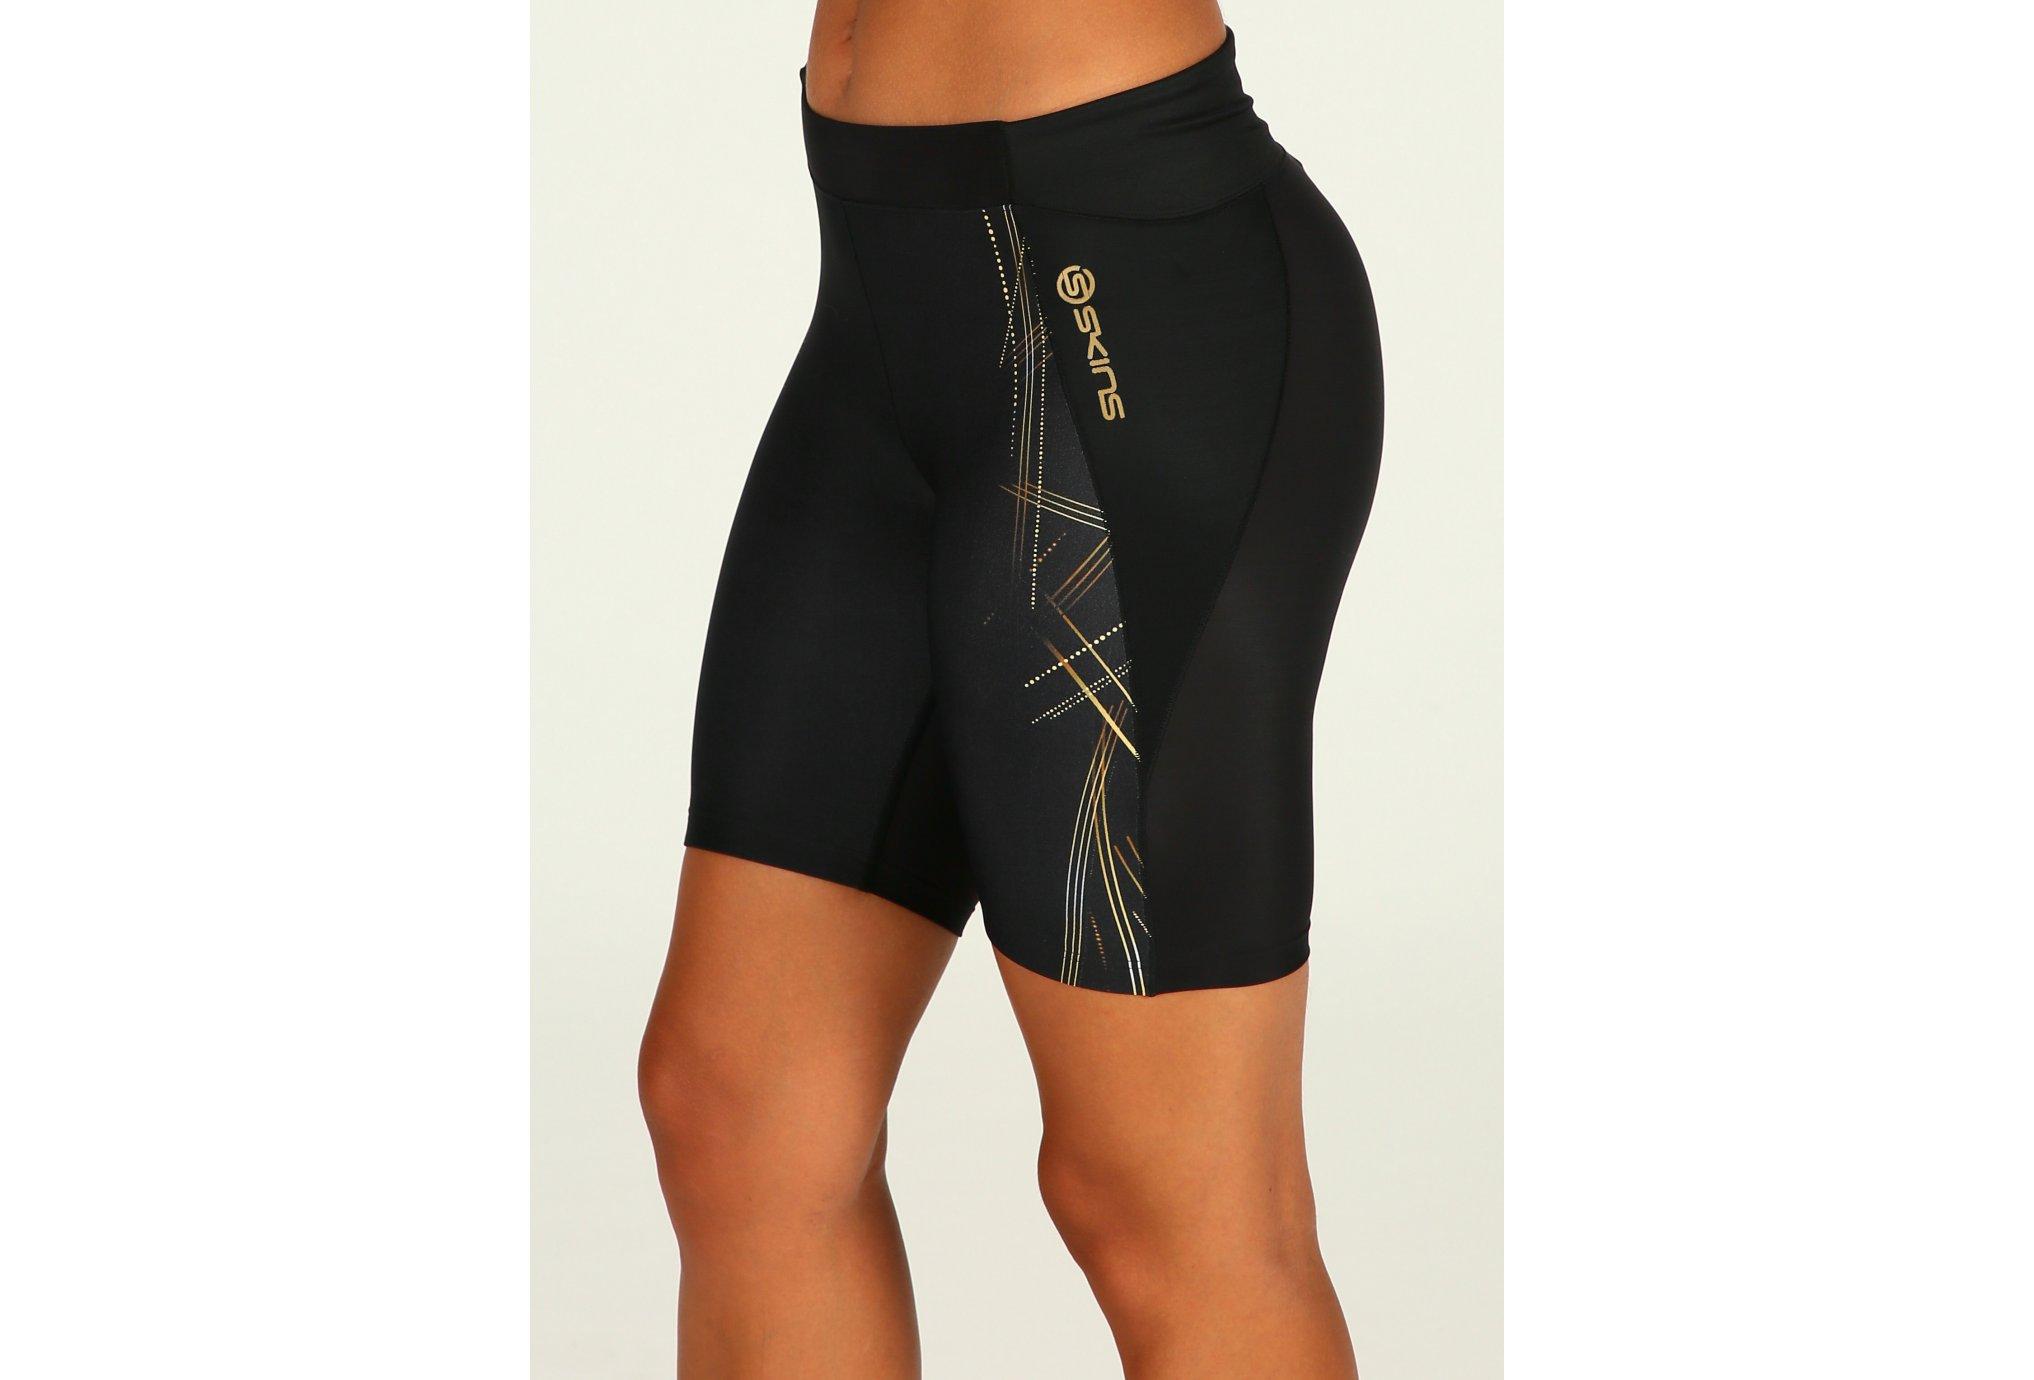 Skins Short A400 Active W vêtement running femme